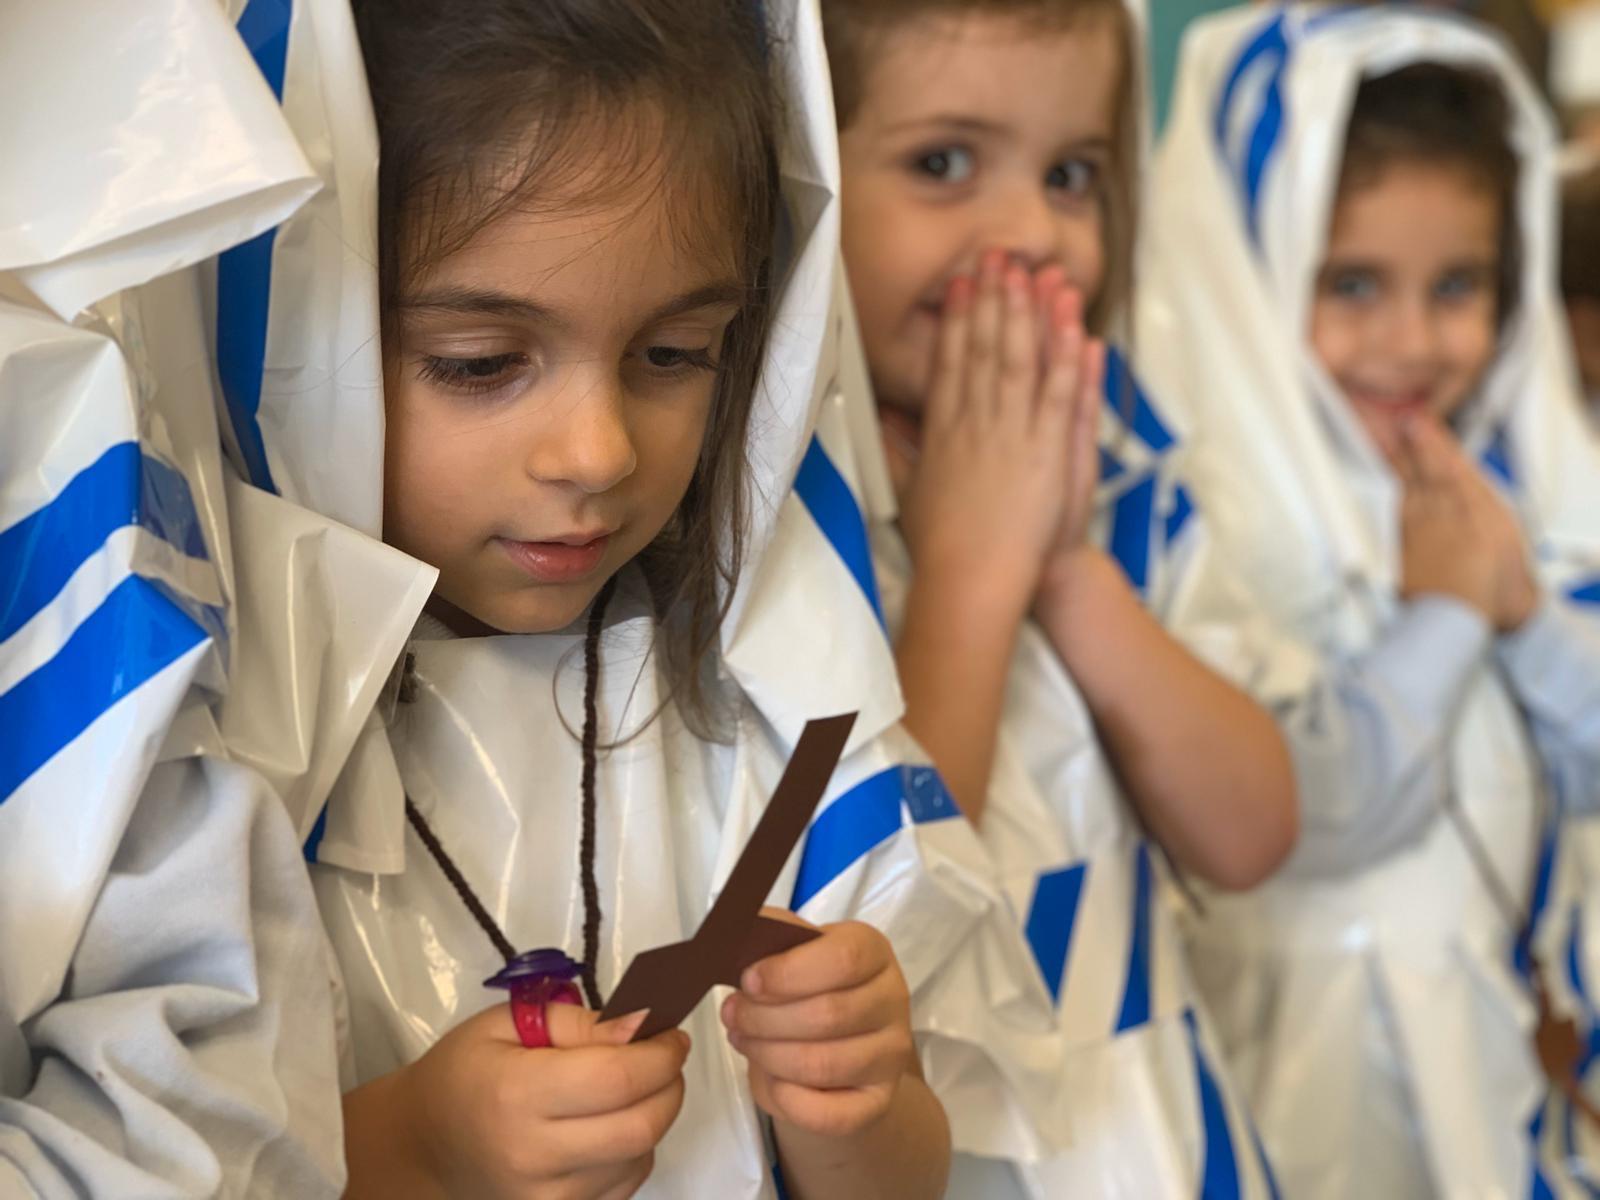 ¡HOLYWINS, LA SANTIDAD GANA EN EL COLEGIO ORATORIO FESTIVO DE SAN MIGUEL!